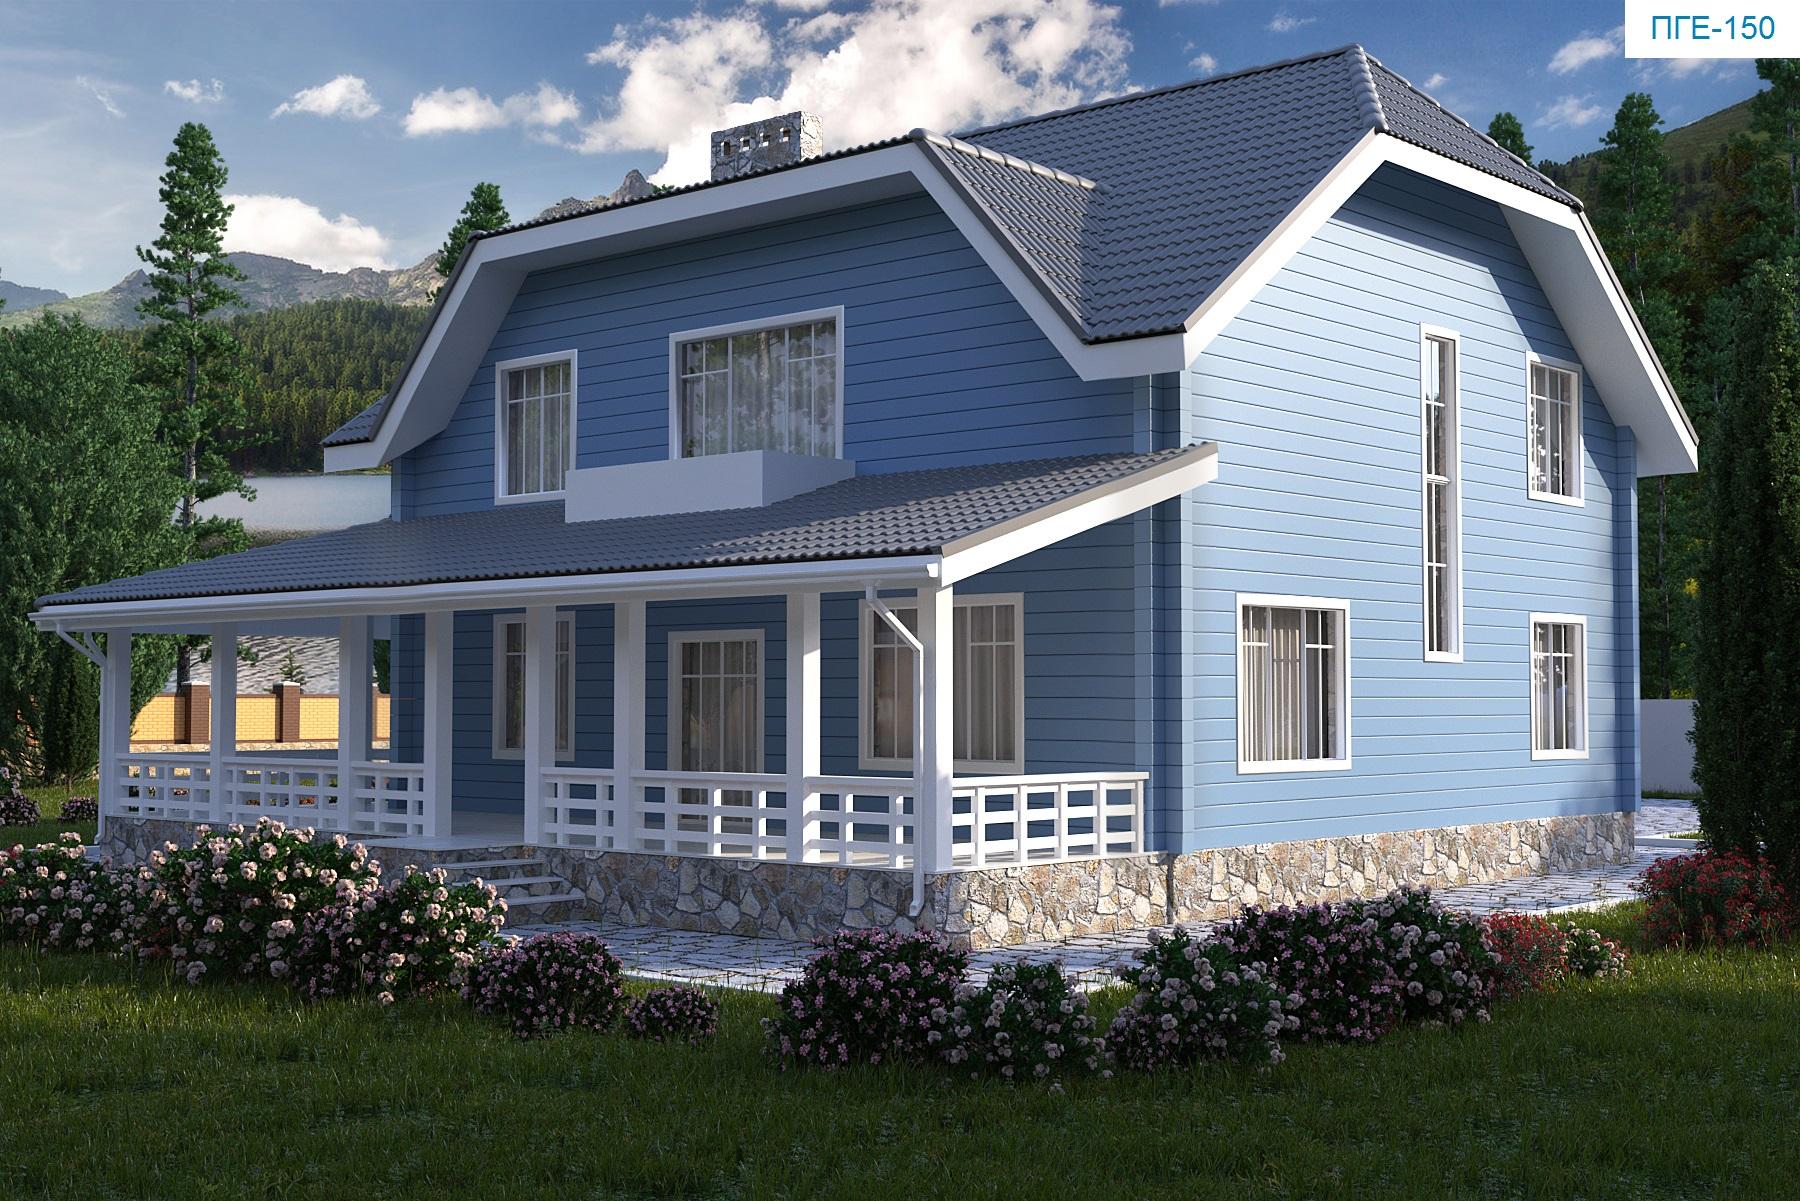 Готовый проект дома 193 кв.м // Артикул ПГЕ-150 фасад